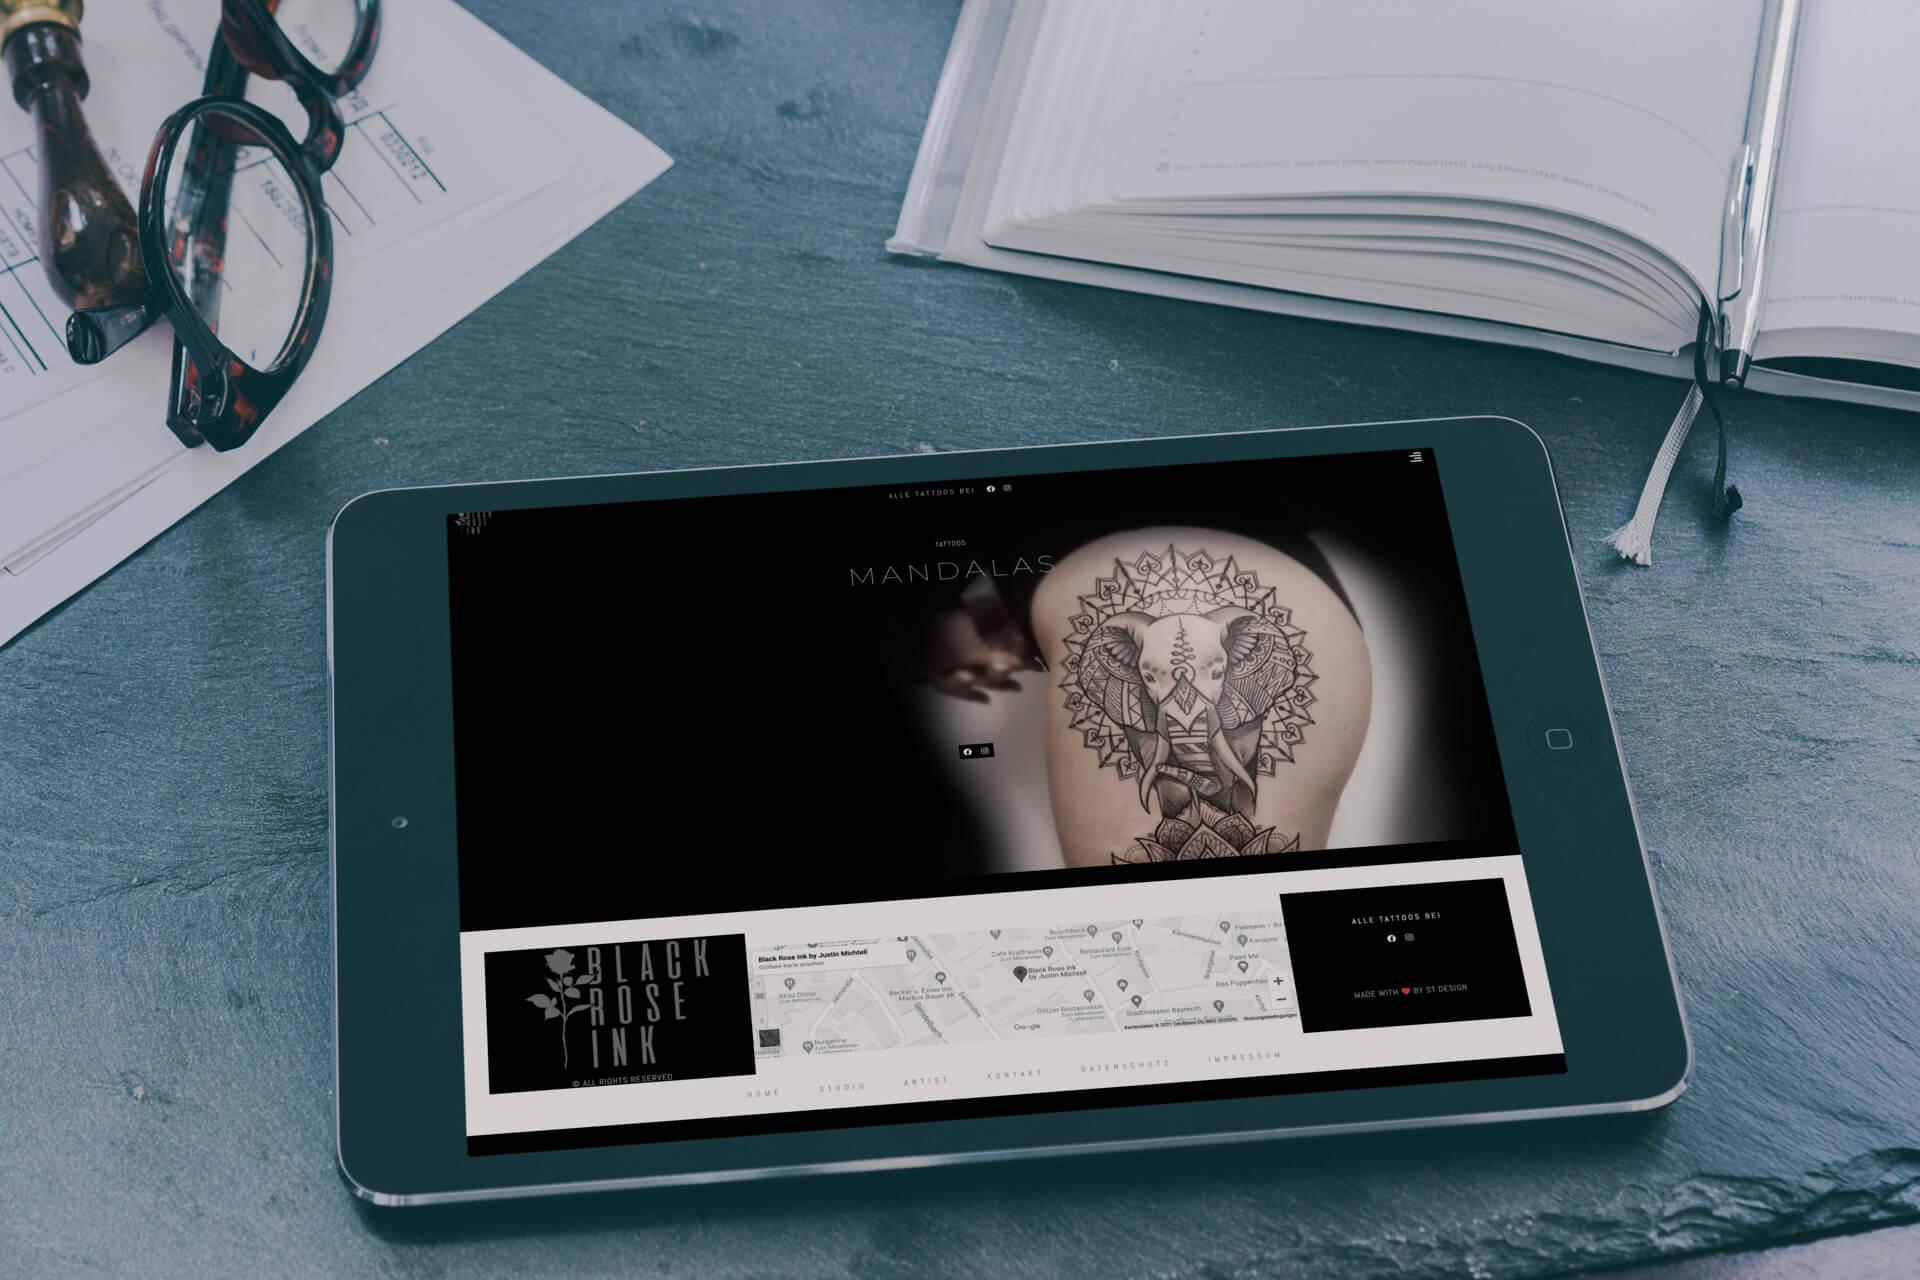 Tablet auf einem Tisch liegend mit der Webseite des Tattoo Studios Black Rose Ink in Bayreuth